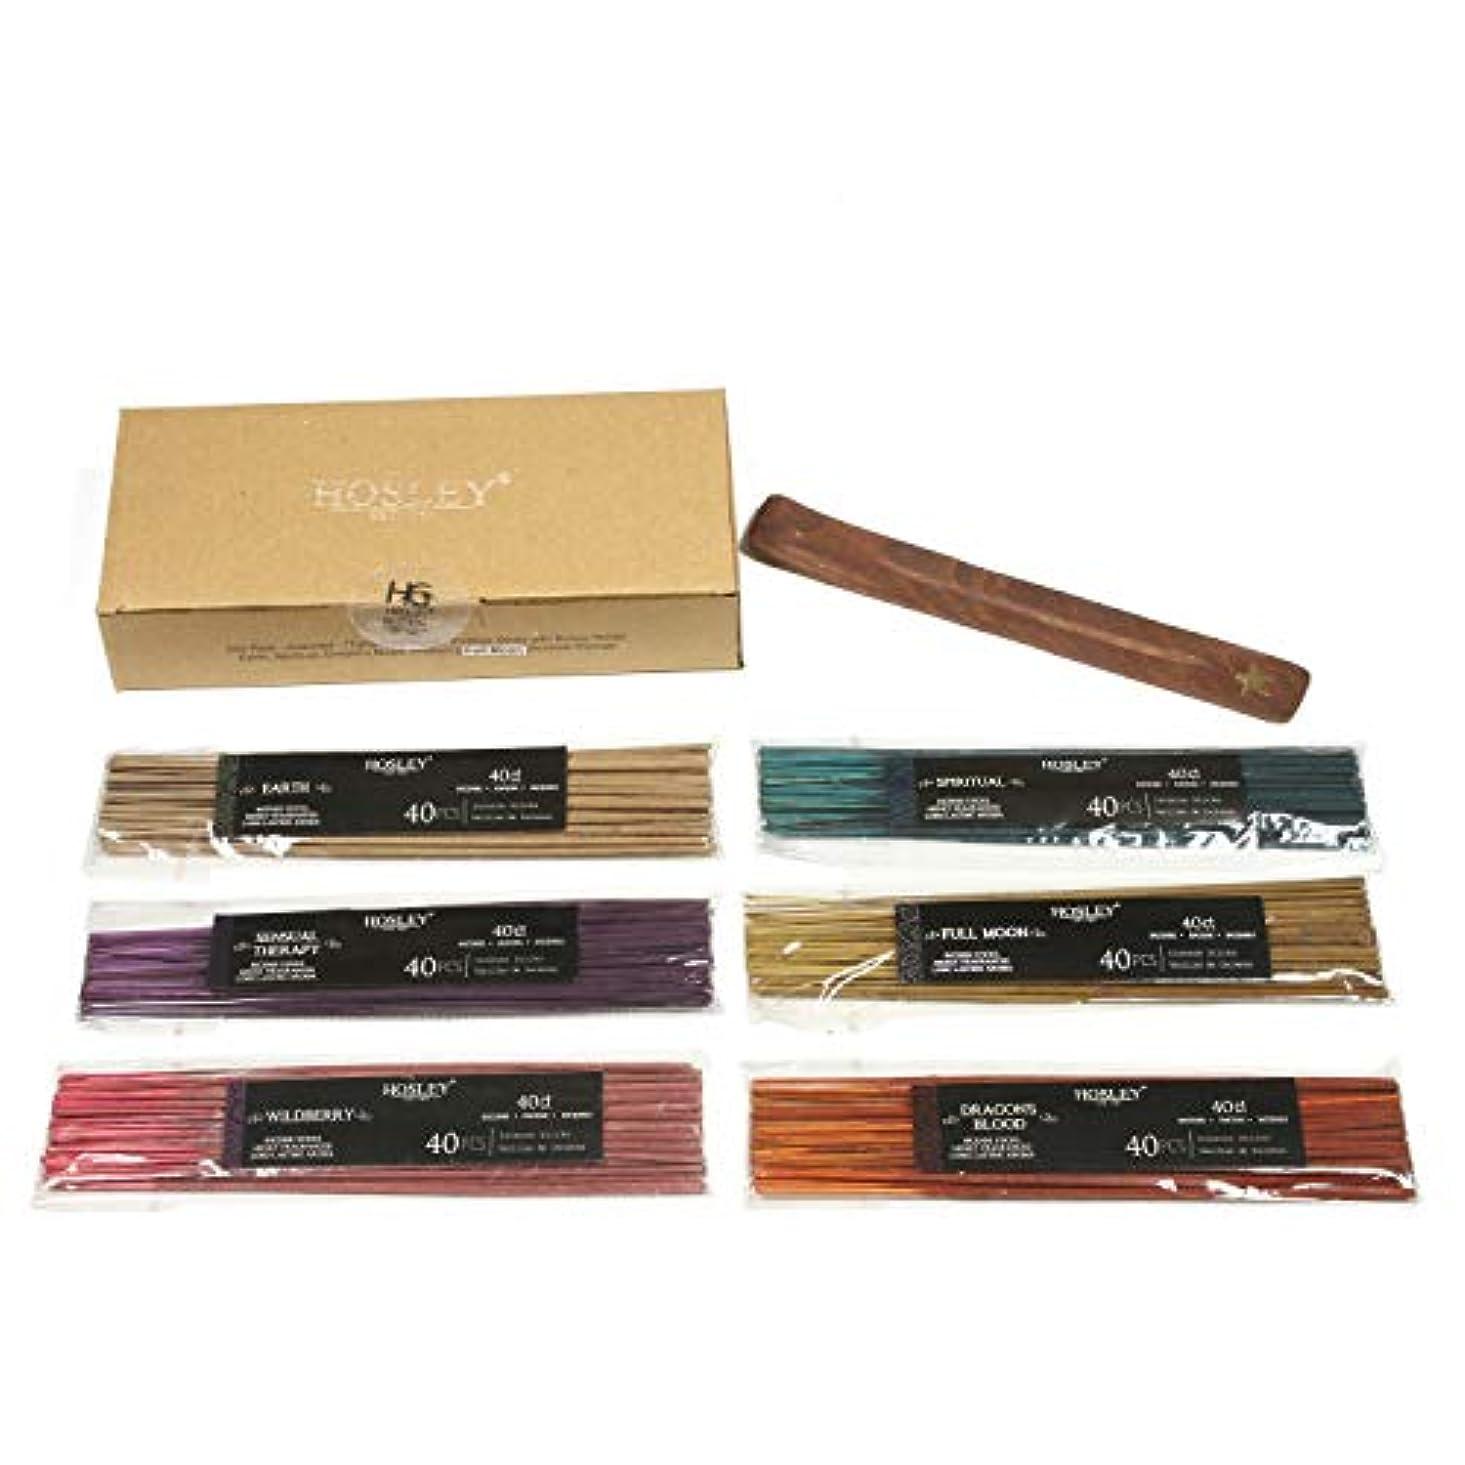 に向かってトレーダー市民Aromatherapy Hosley's 240 Pack Assorted Highly Fragranced Incense Sticks - Dragon's Blood, Earth, Full Moon, Sensual...